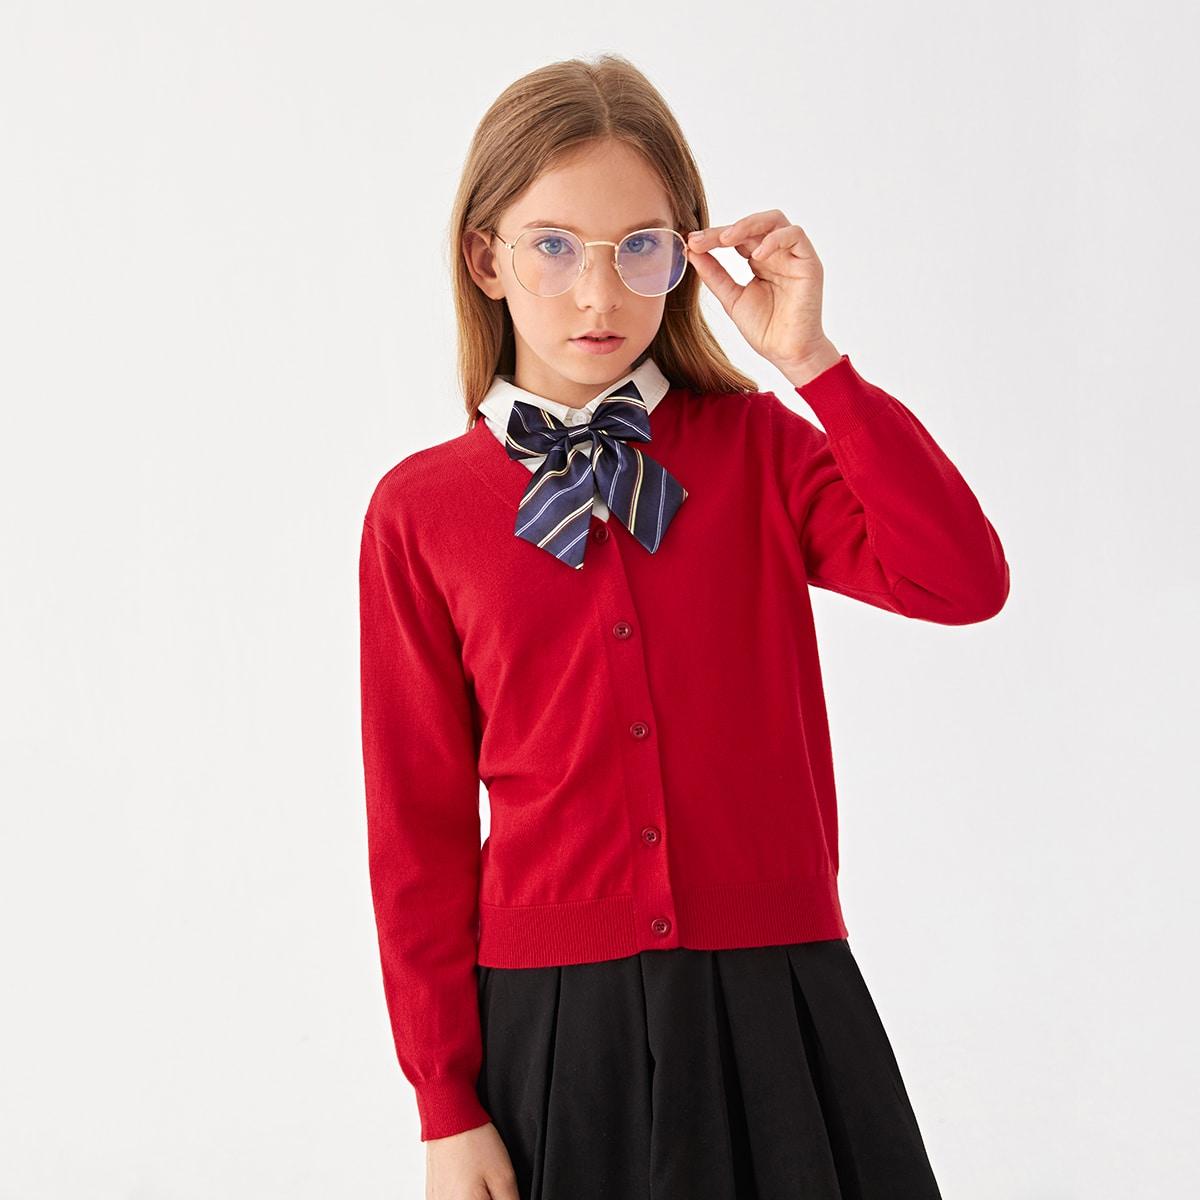 Школьный кардиган на пуговицах для девочек SheIn skouter07210612876